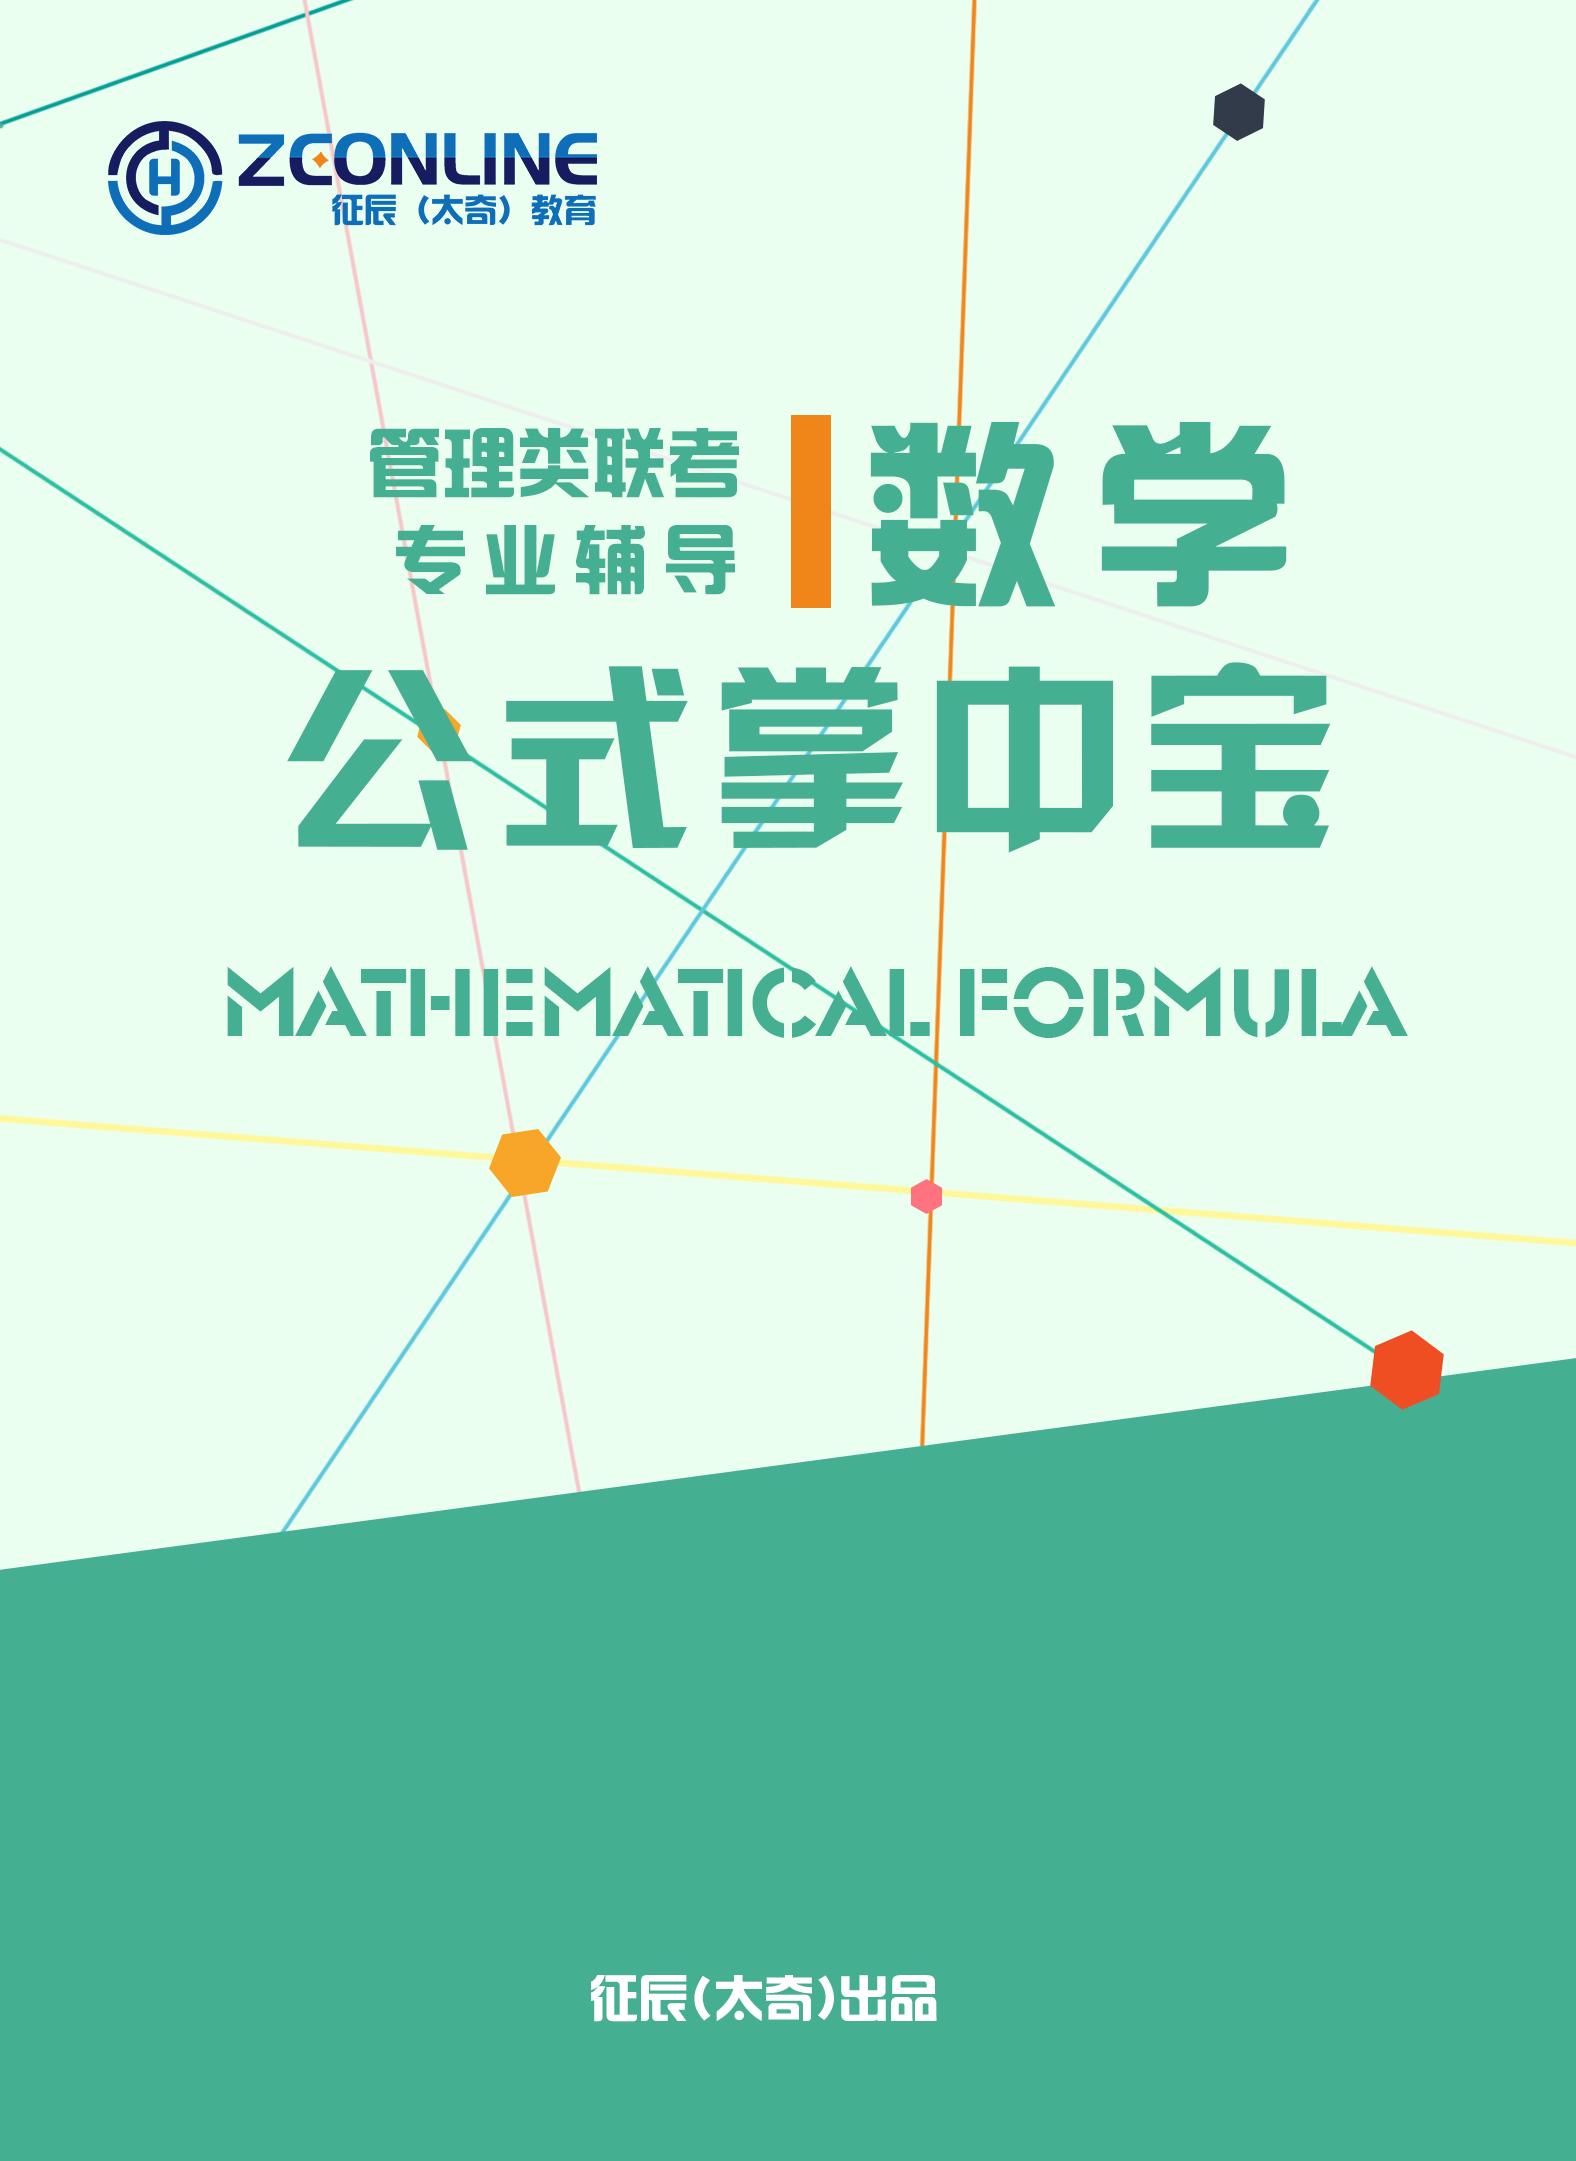 数学公式掌中宝